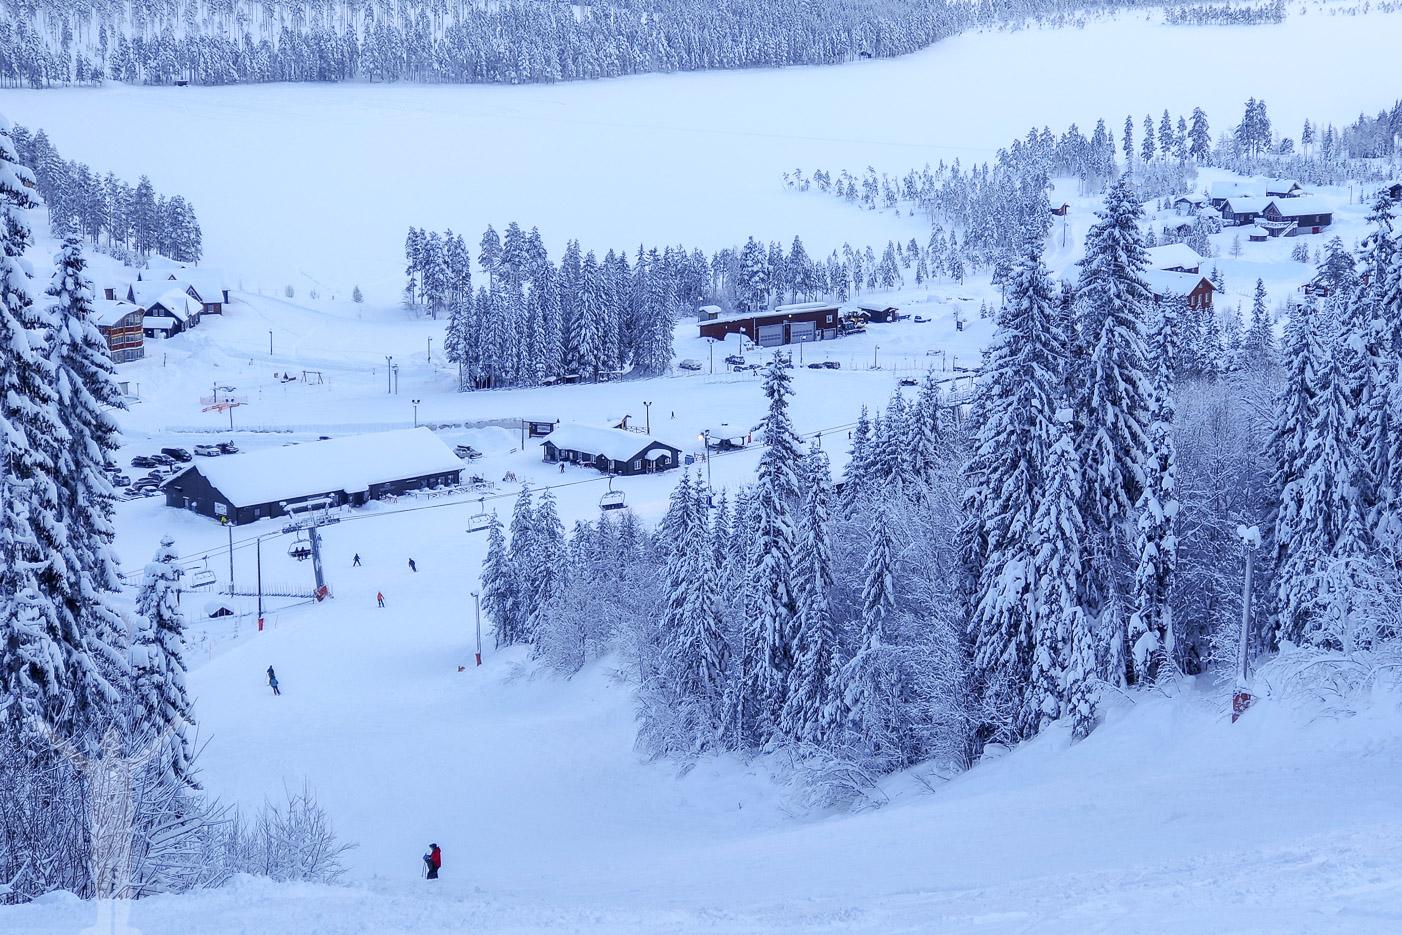 Slutet på Supersvängen i Klövsjö skidområde